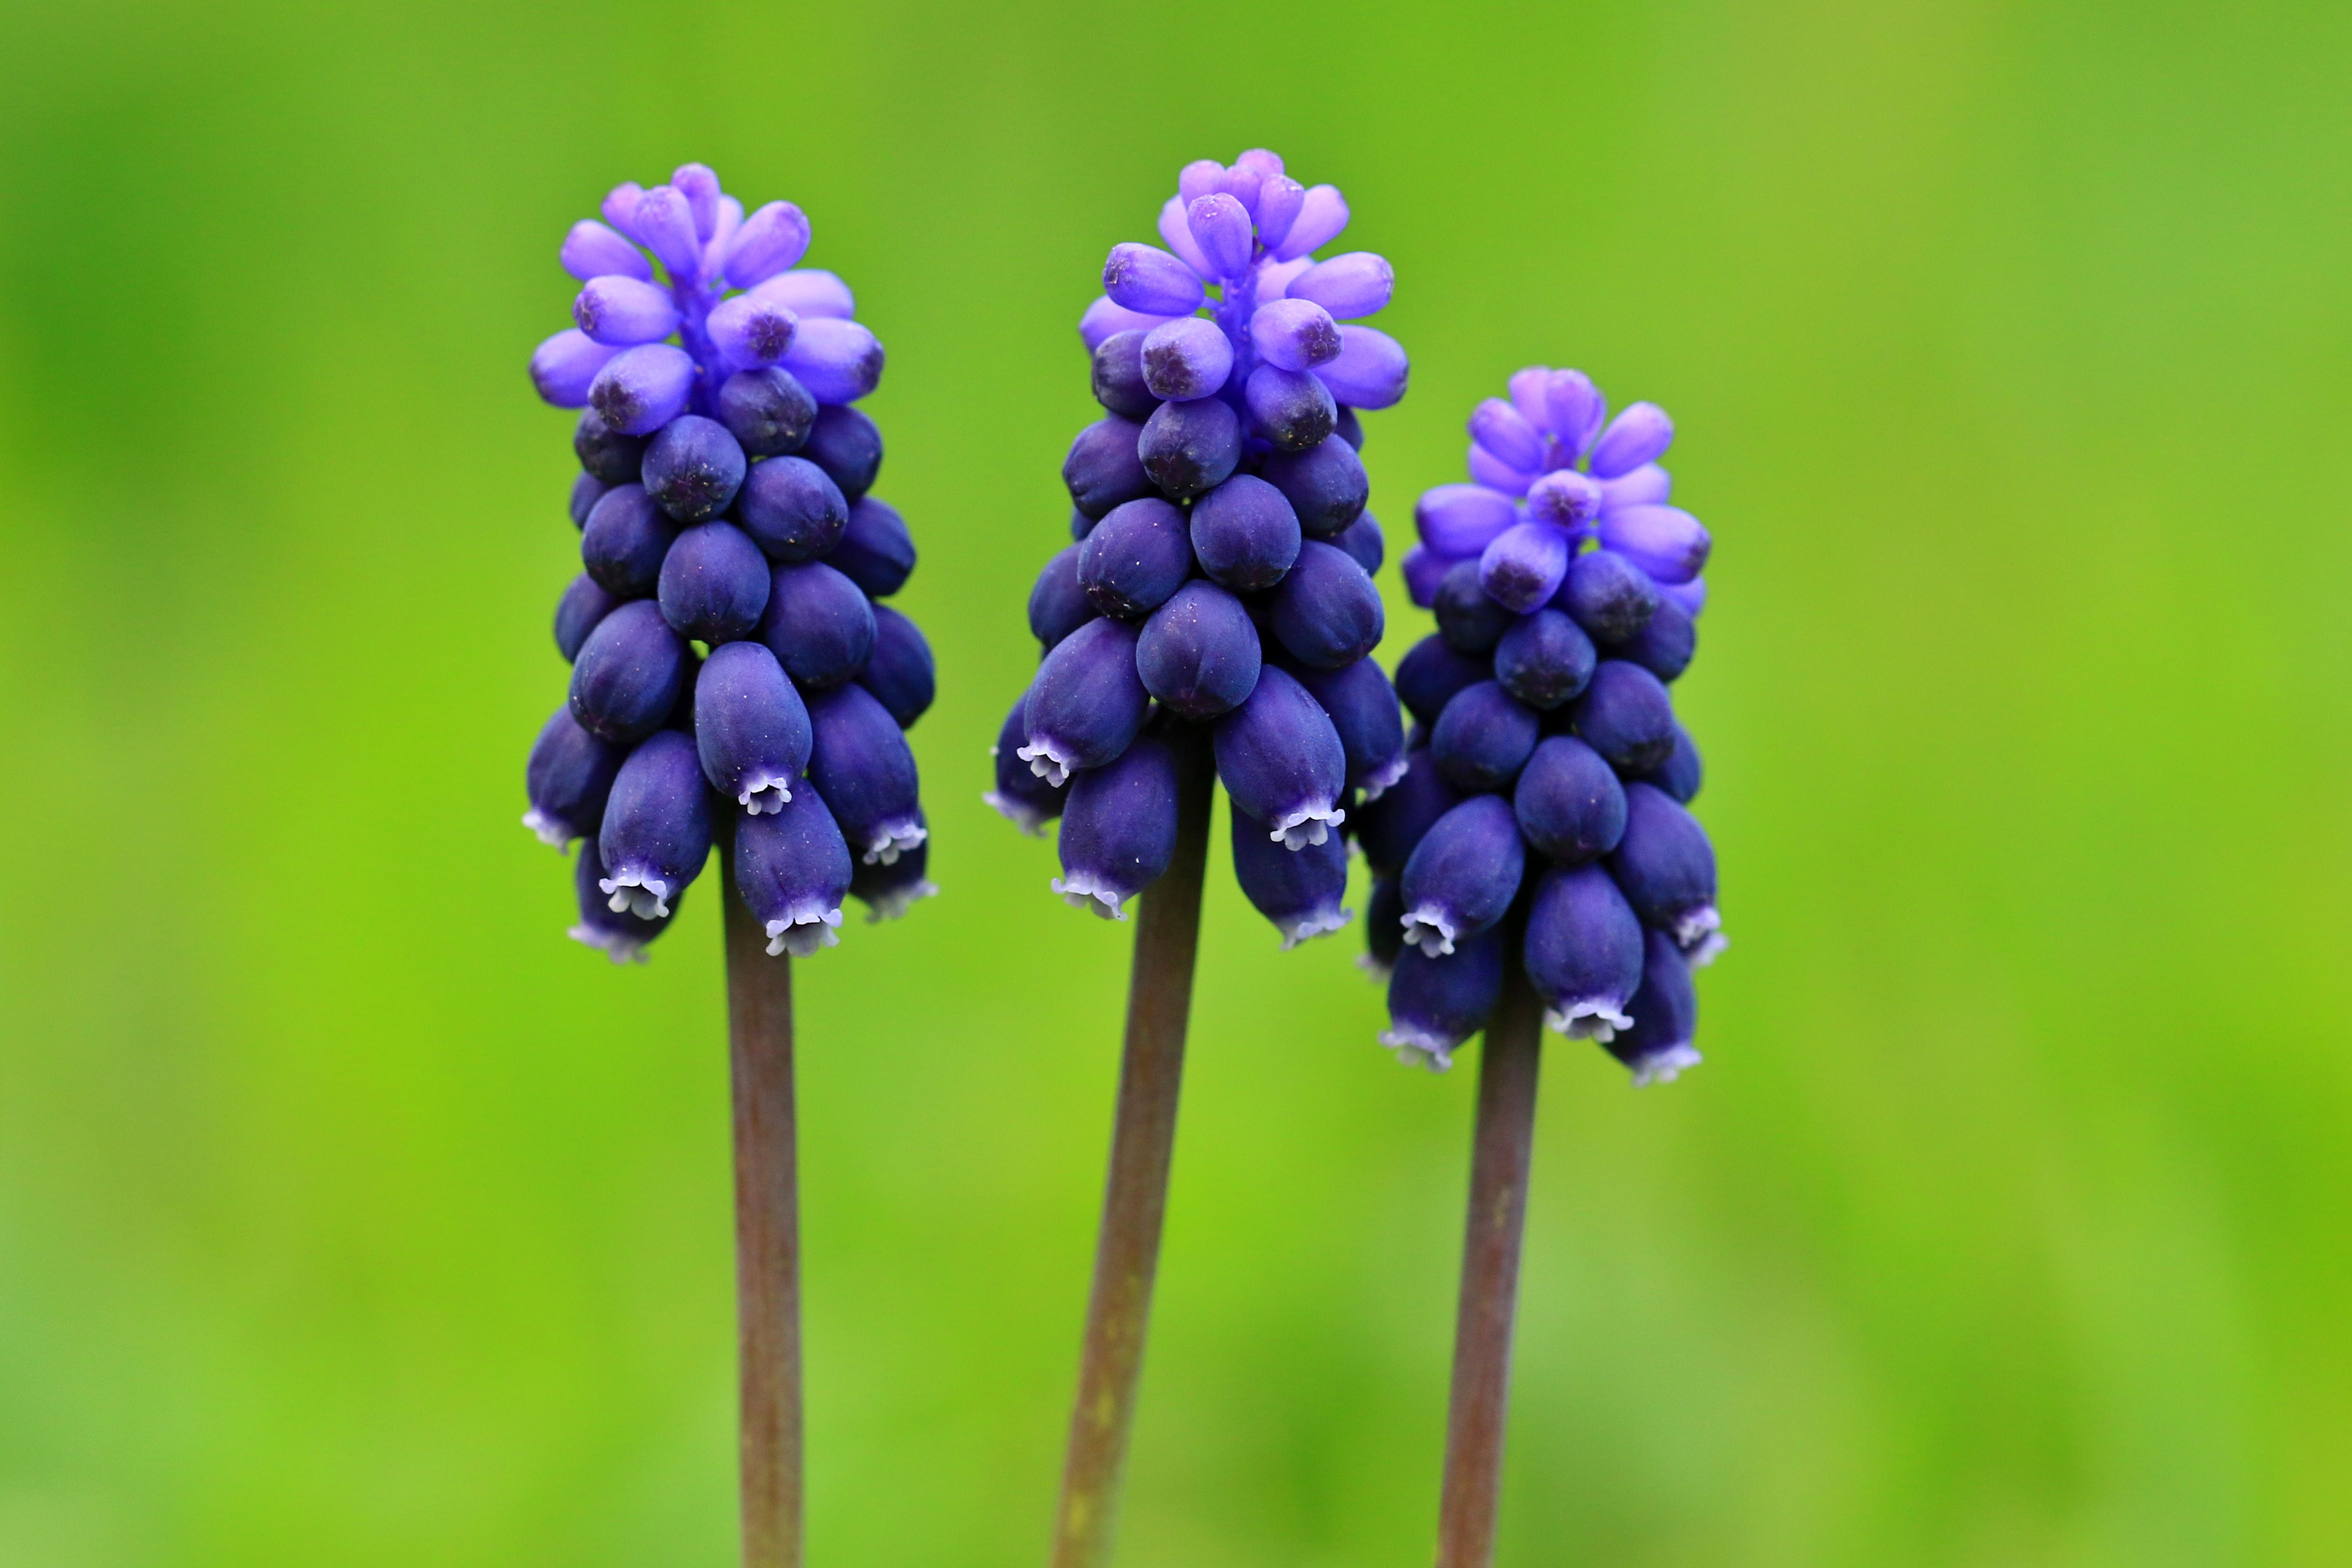 Image of starch grape hyacinth